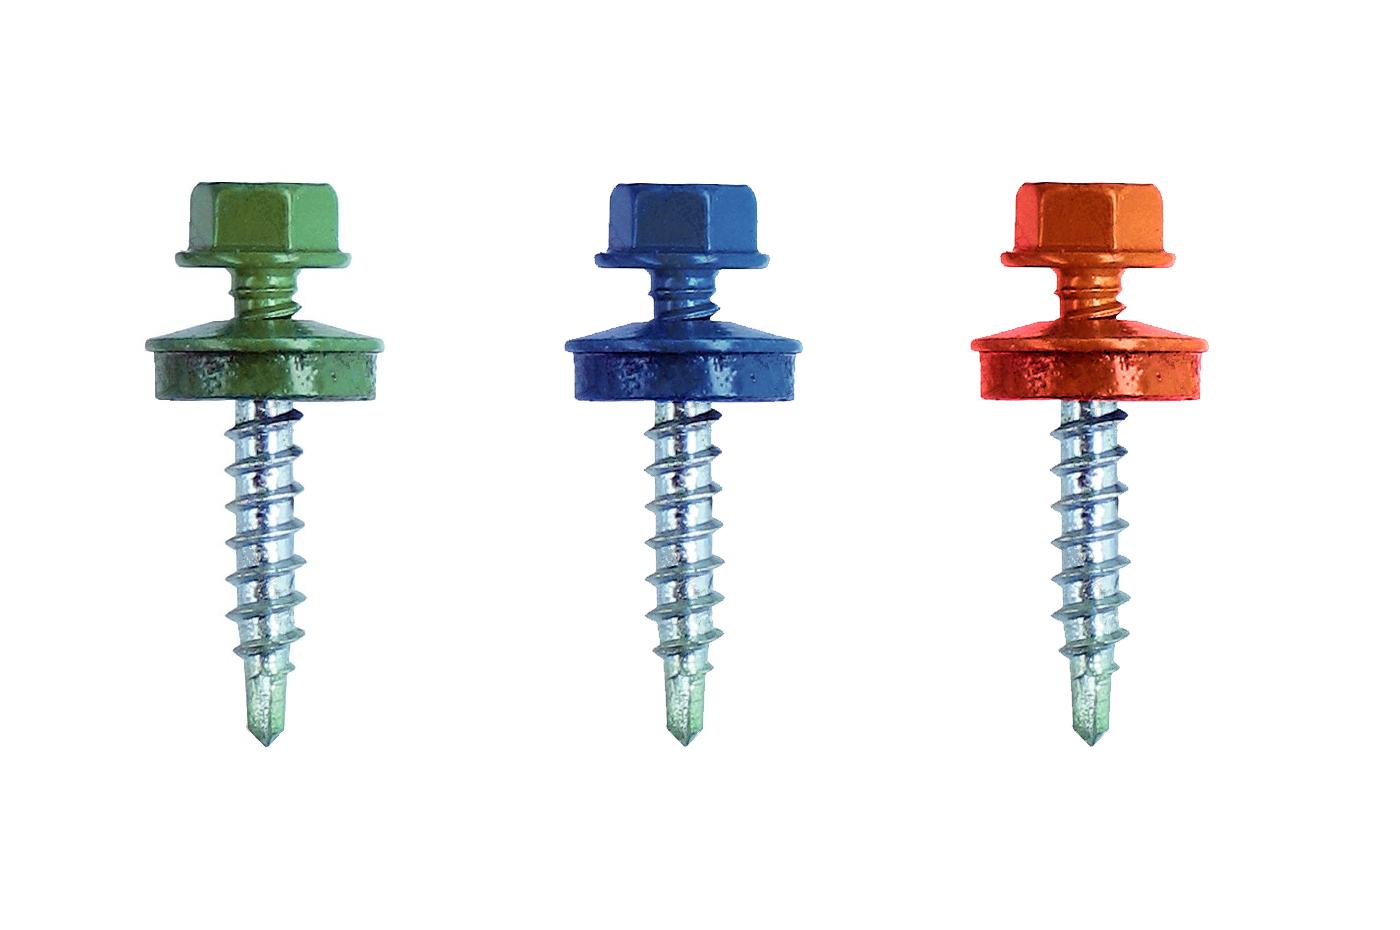 Саморезы для кровли 4.8x35 (6002) светло-зеленый